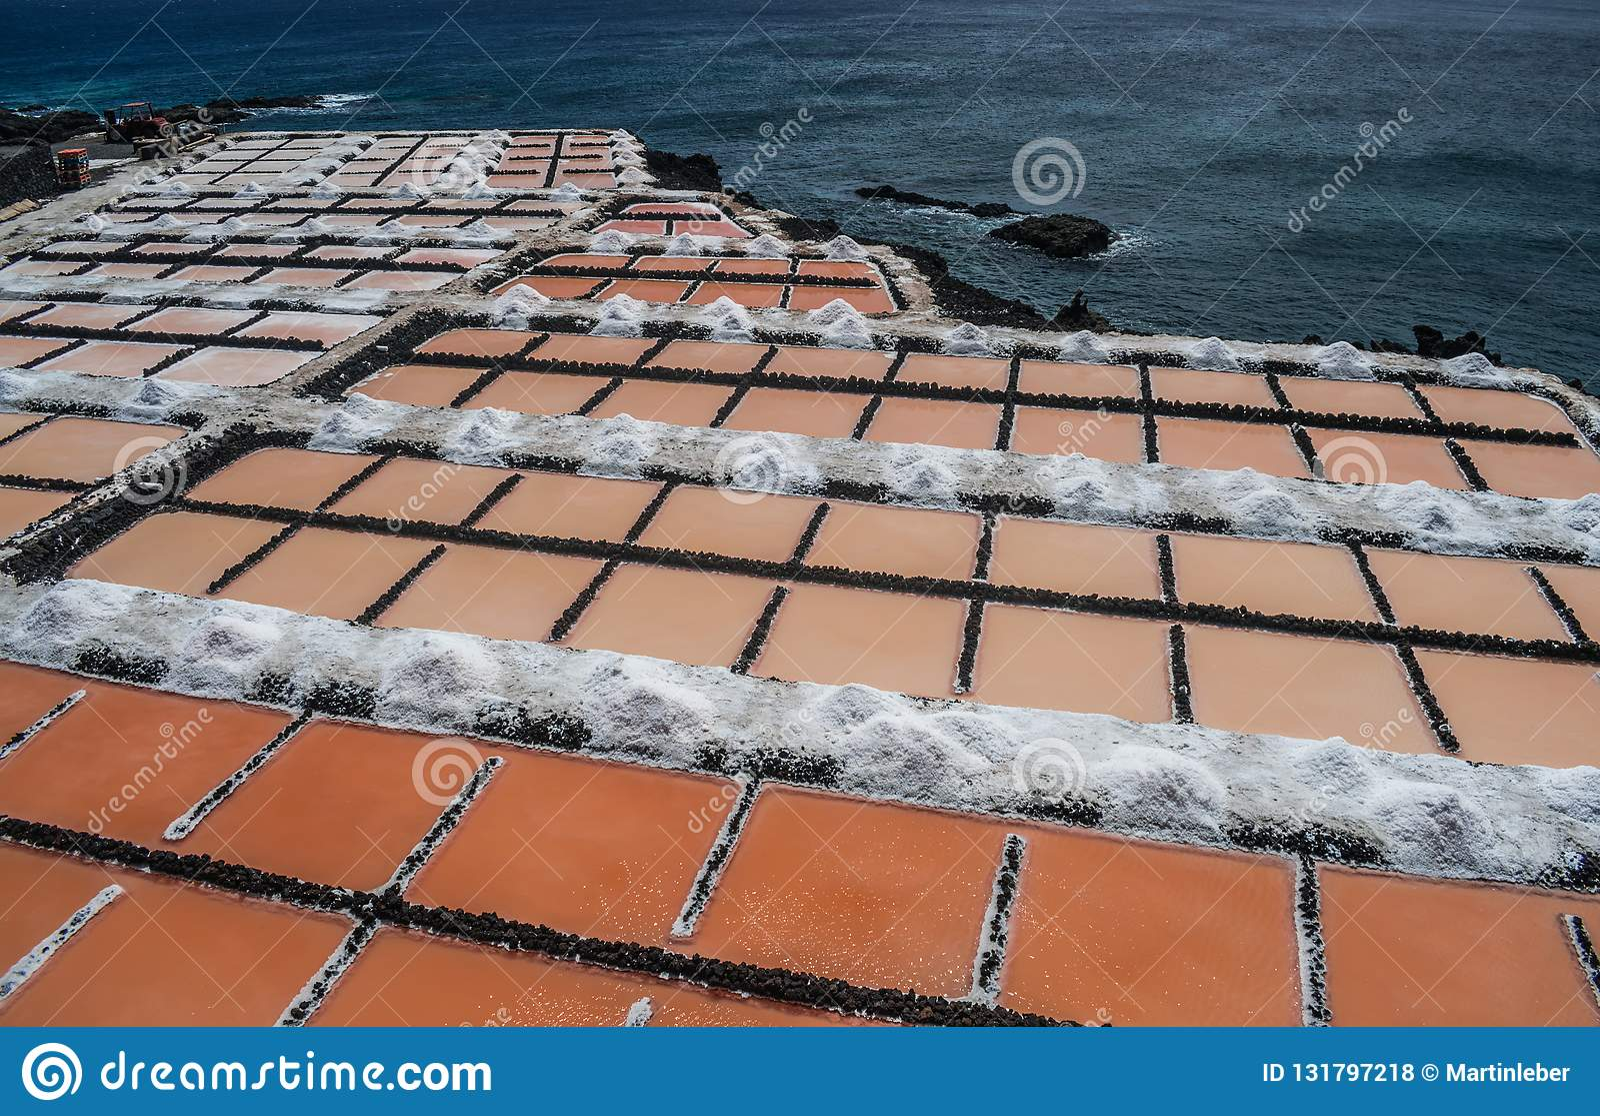 Saltworks de Fuencaliente, La Palma, Ilhas Canárias